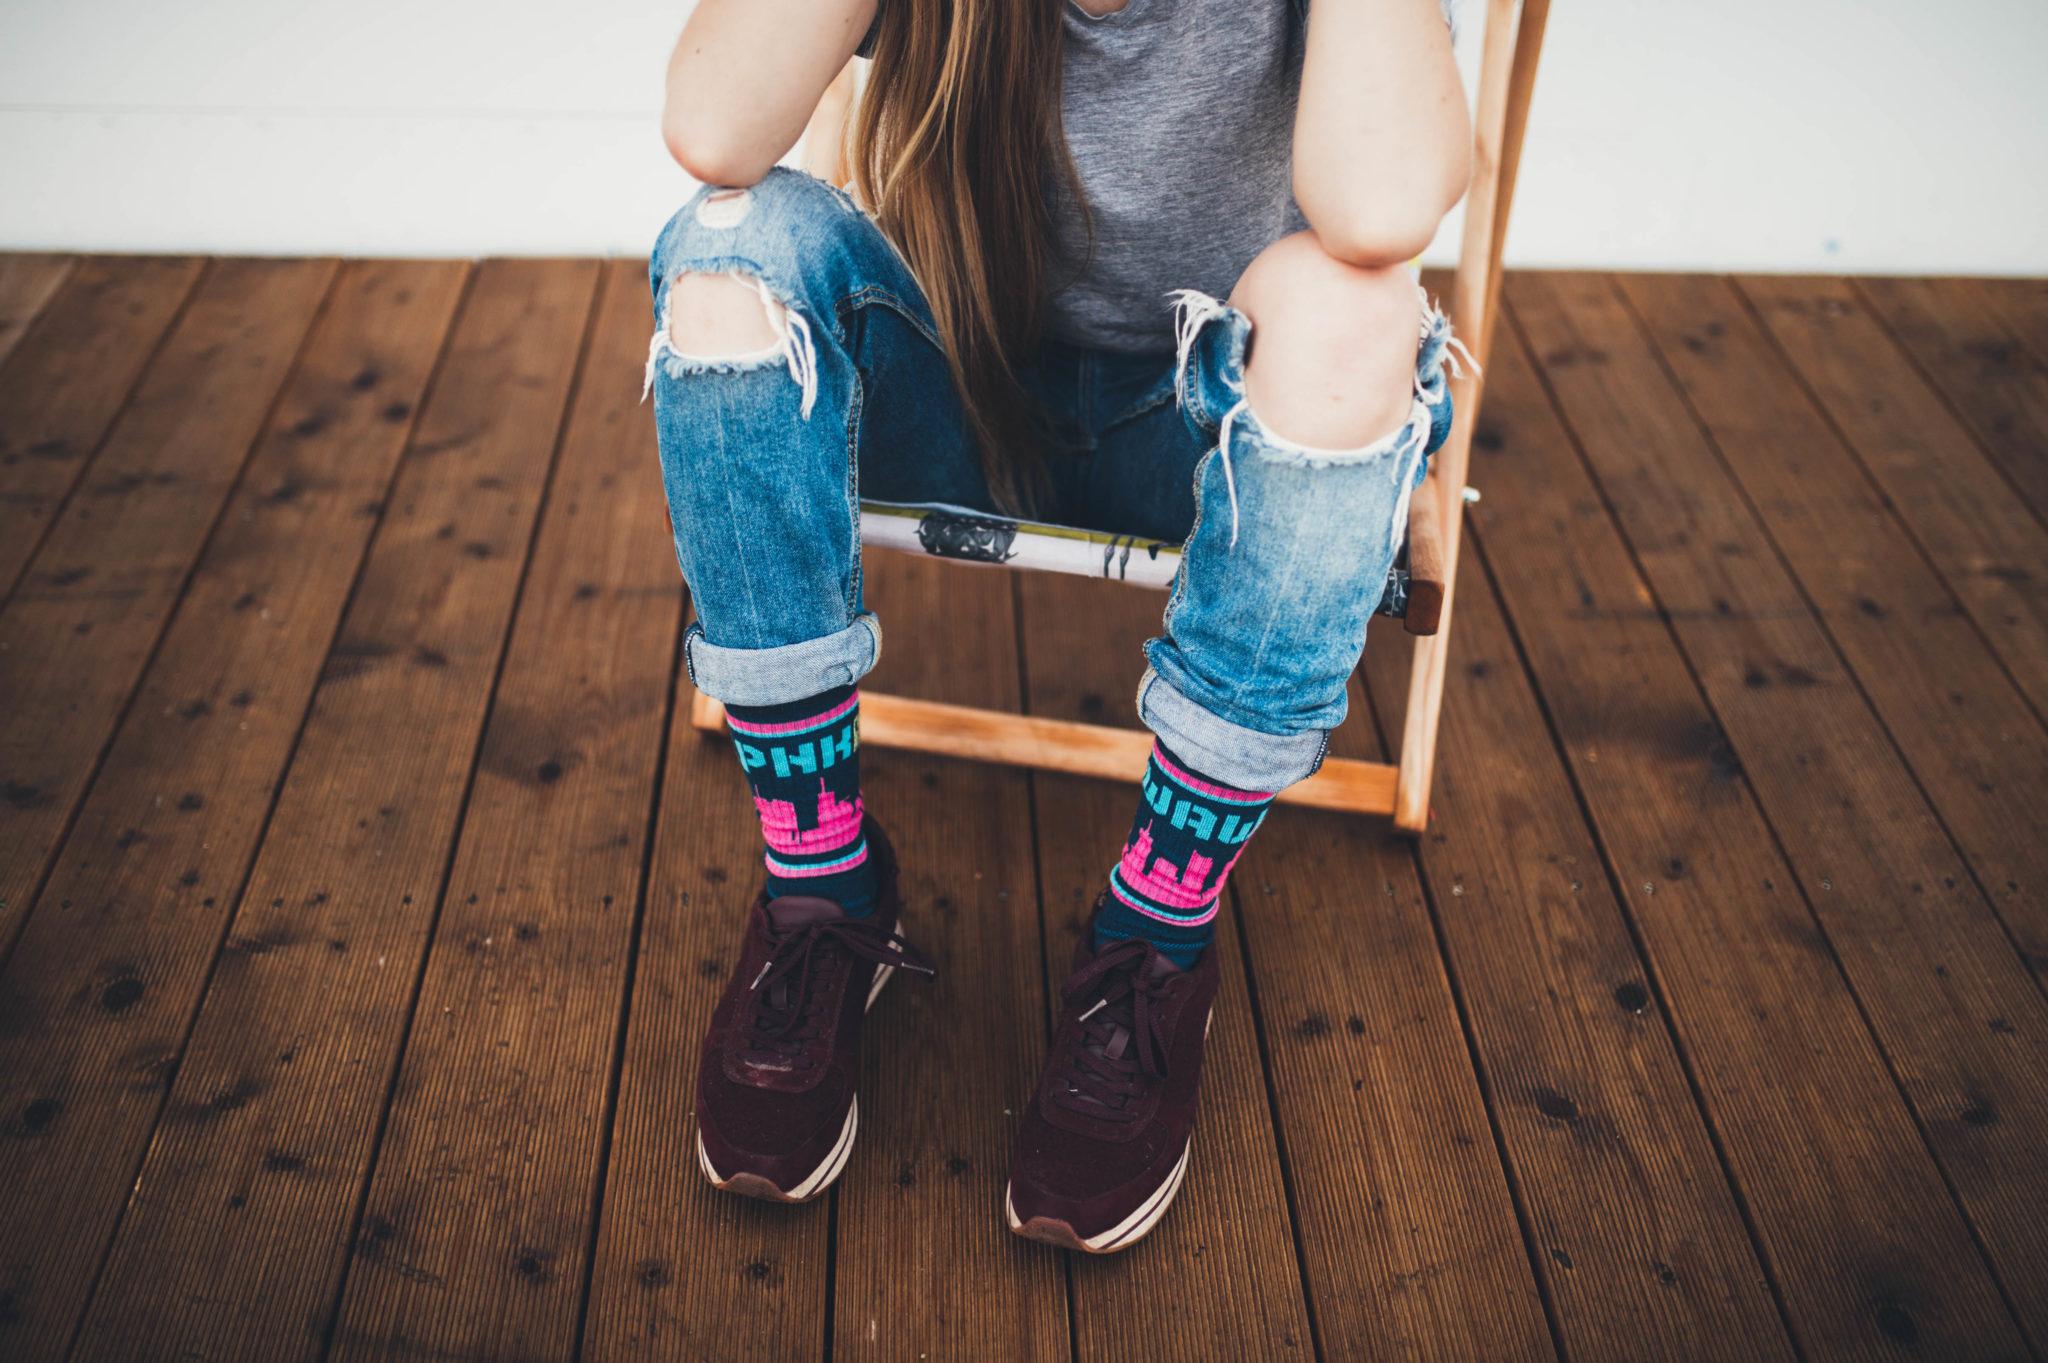 Dziewczyna siedząca na leżakju w podziurawionych jeansach, czarnych butach i skarpetkach z motywem Warszawy